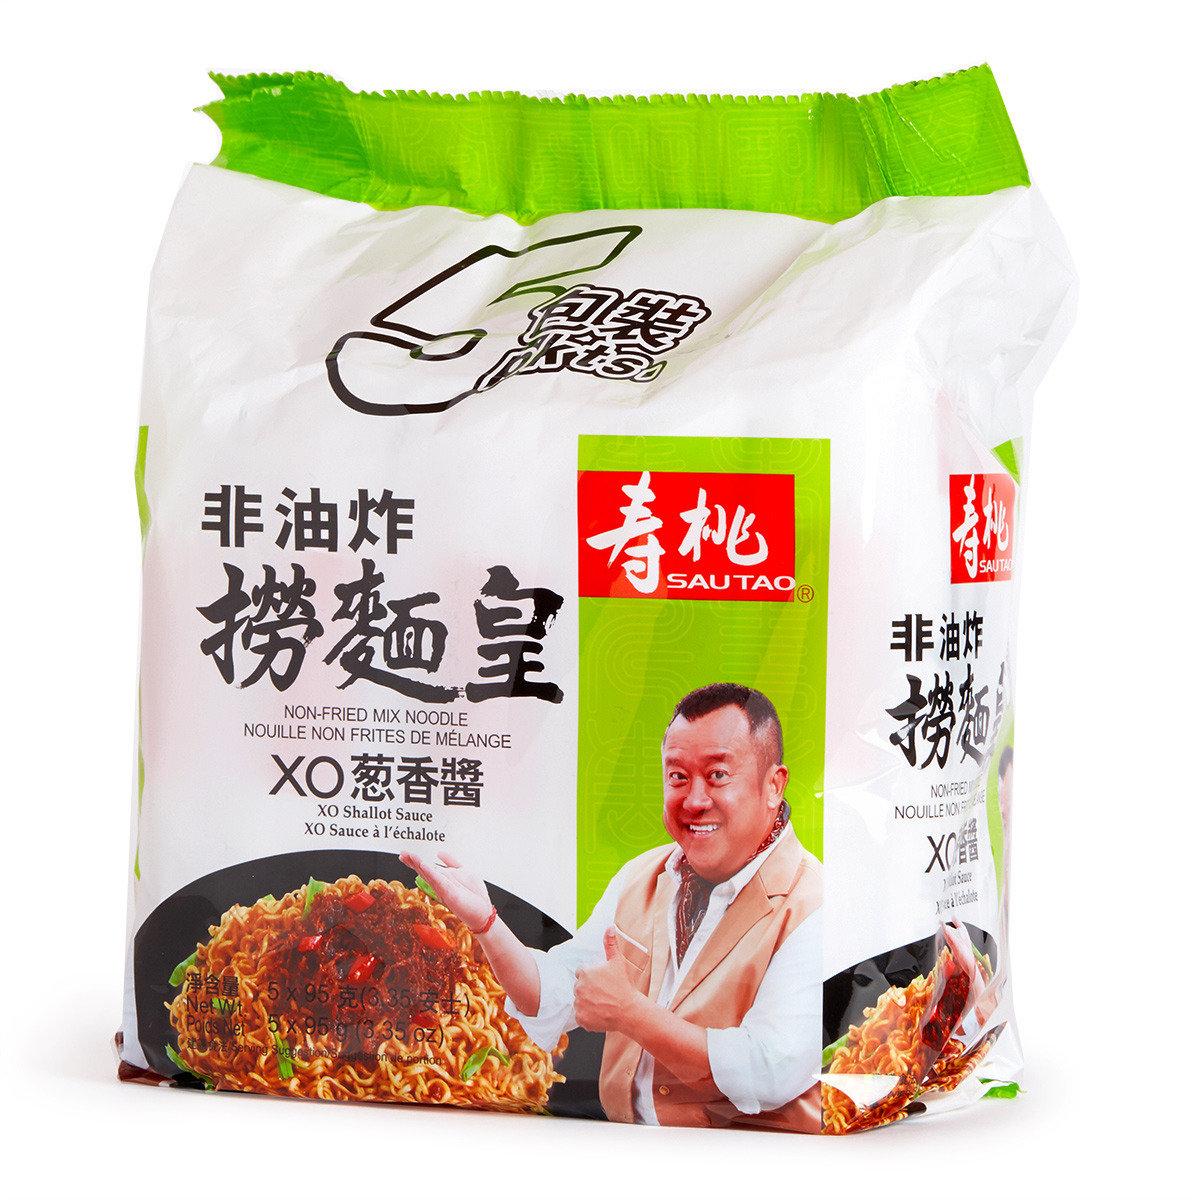 非油炸撈麵皇 (XO蔥香醬)